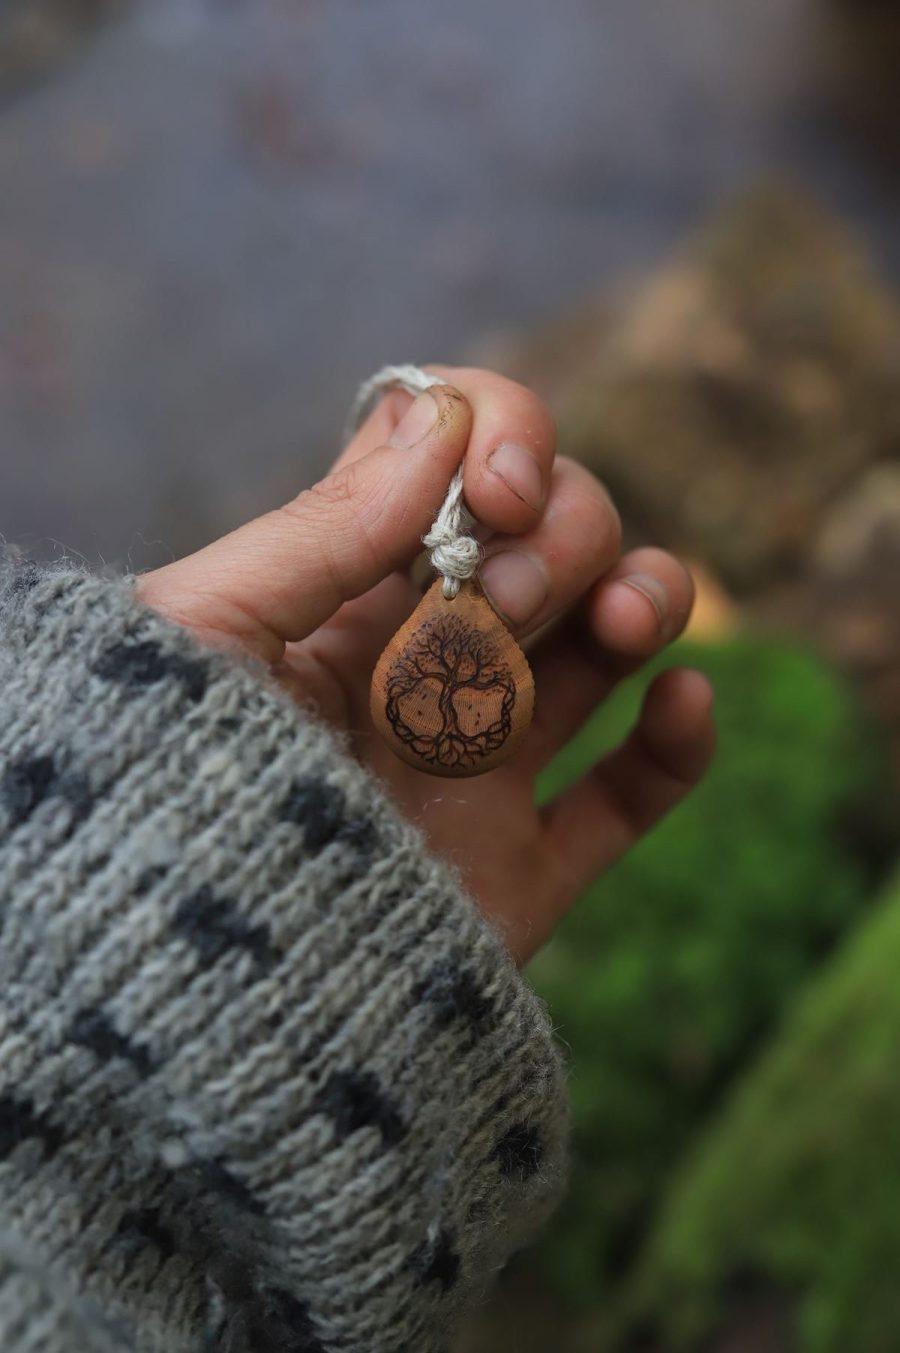 Amulette arbre de vie, celtique, viking, nordique, bois, chanvre, écologique, bio, atelier de la lettre aux ours, artisanat français, normandie, bijoux, pendentif